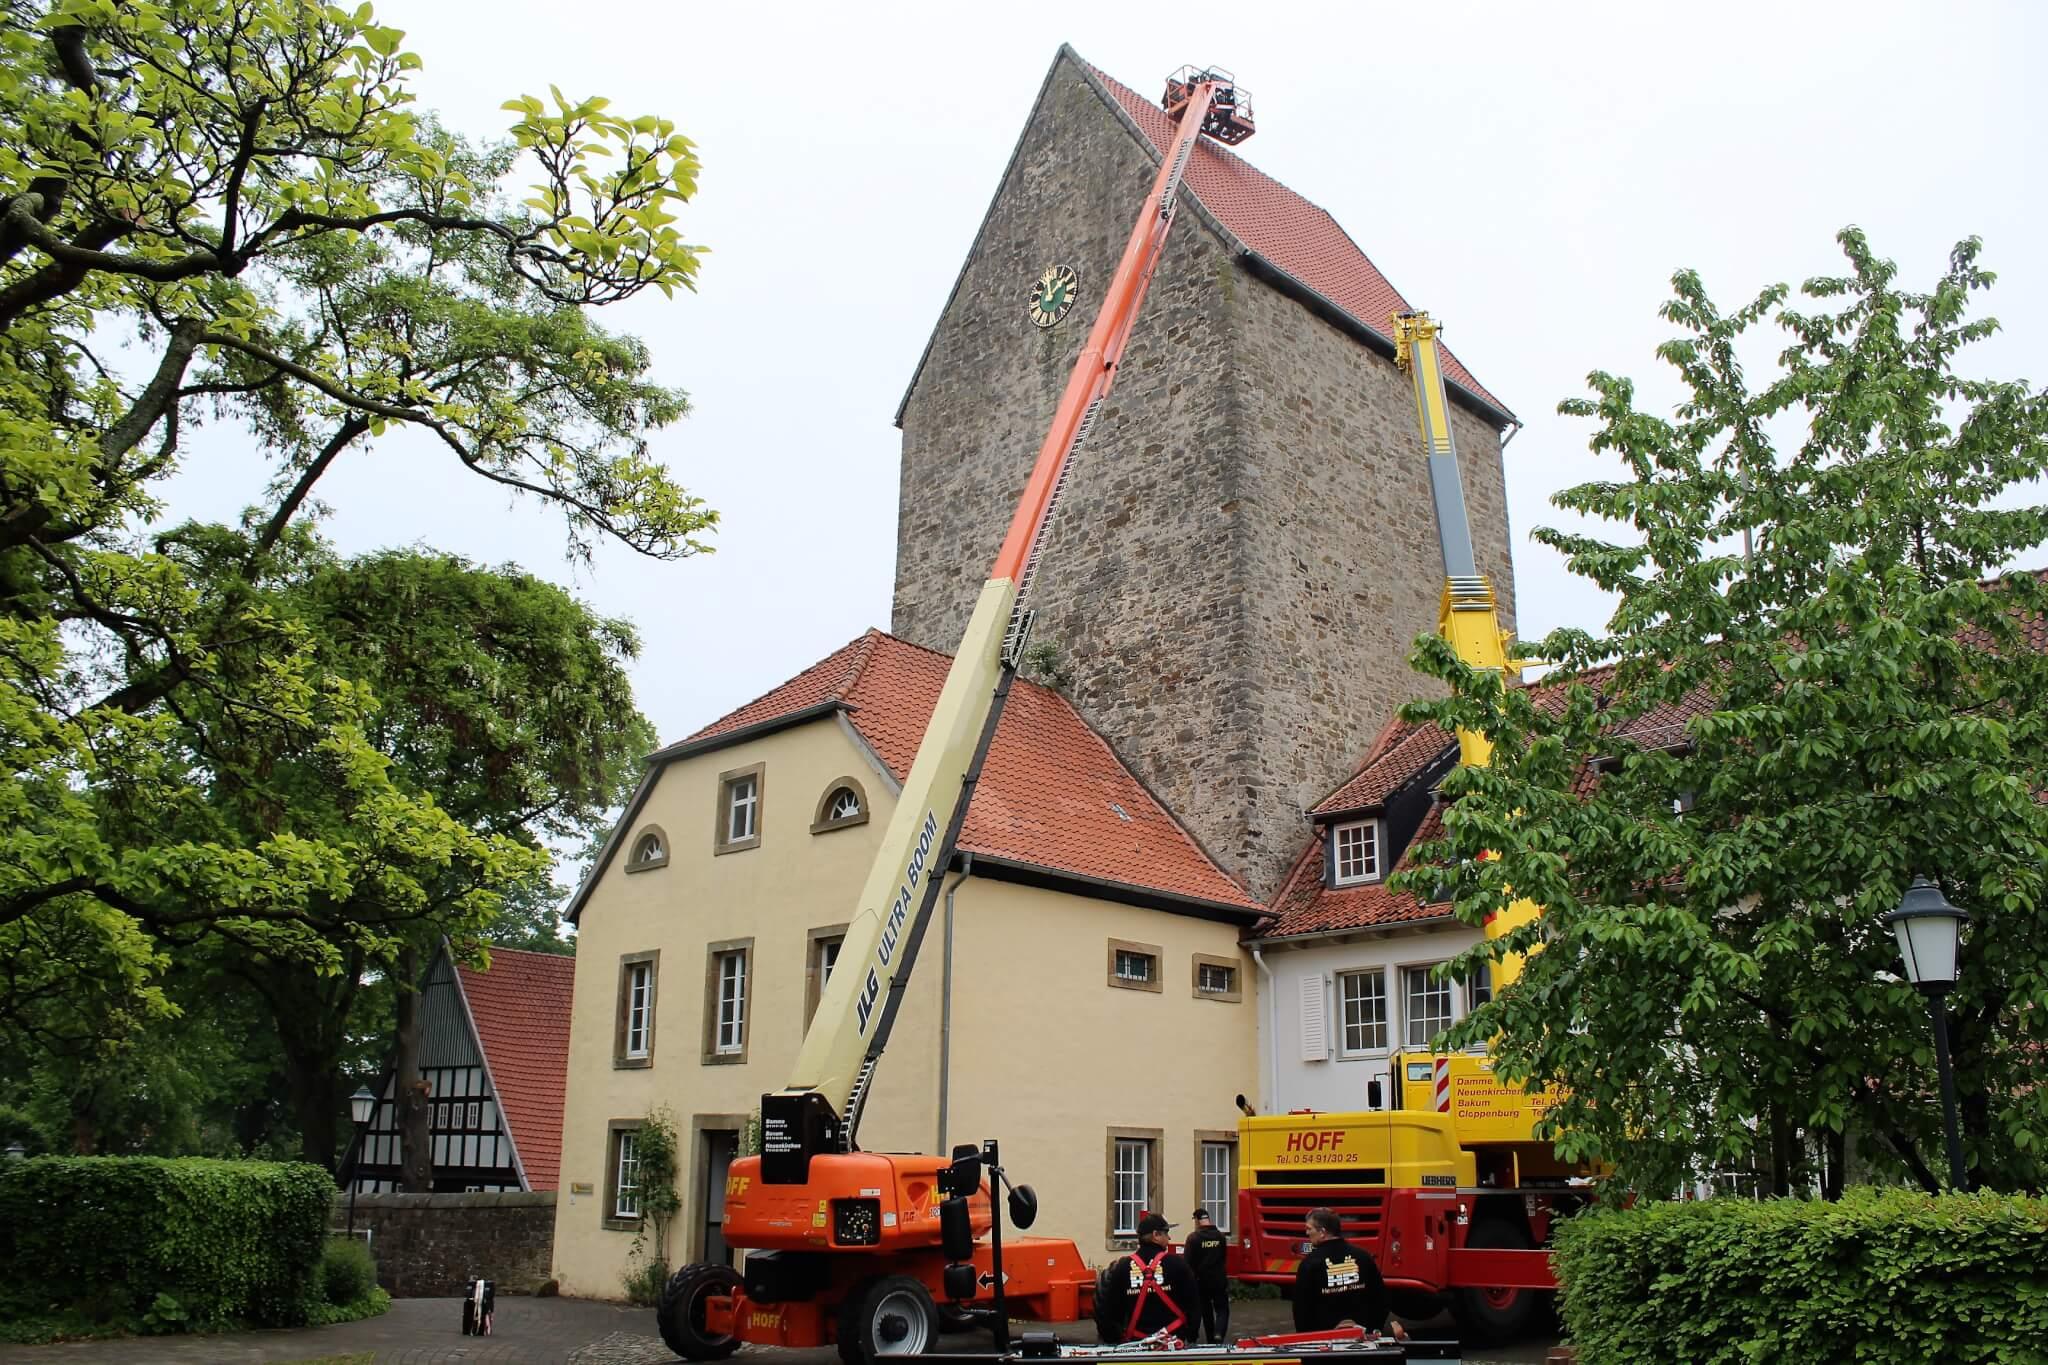 Ein Kranwagen steht mit ausgefahrenem Leiterwagen vor dem Turm der Burg Wittlage